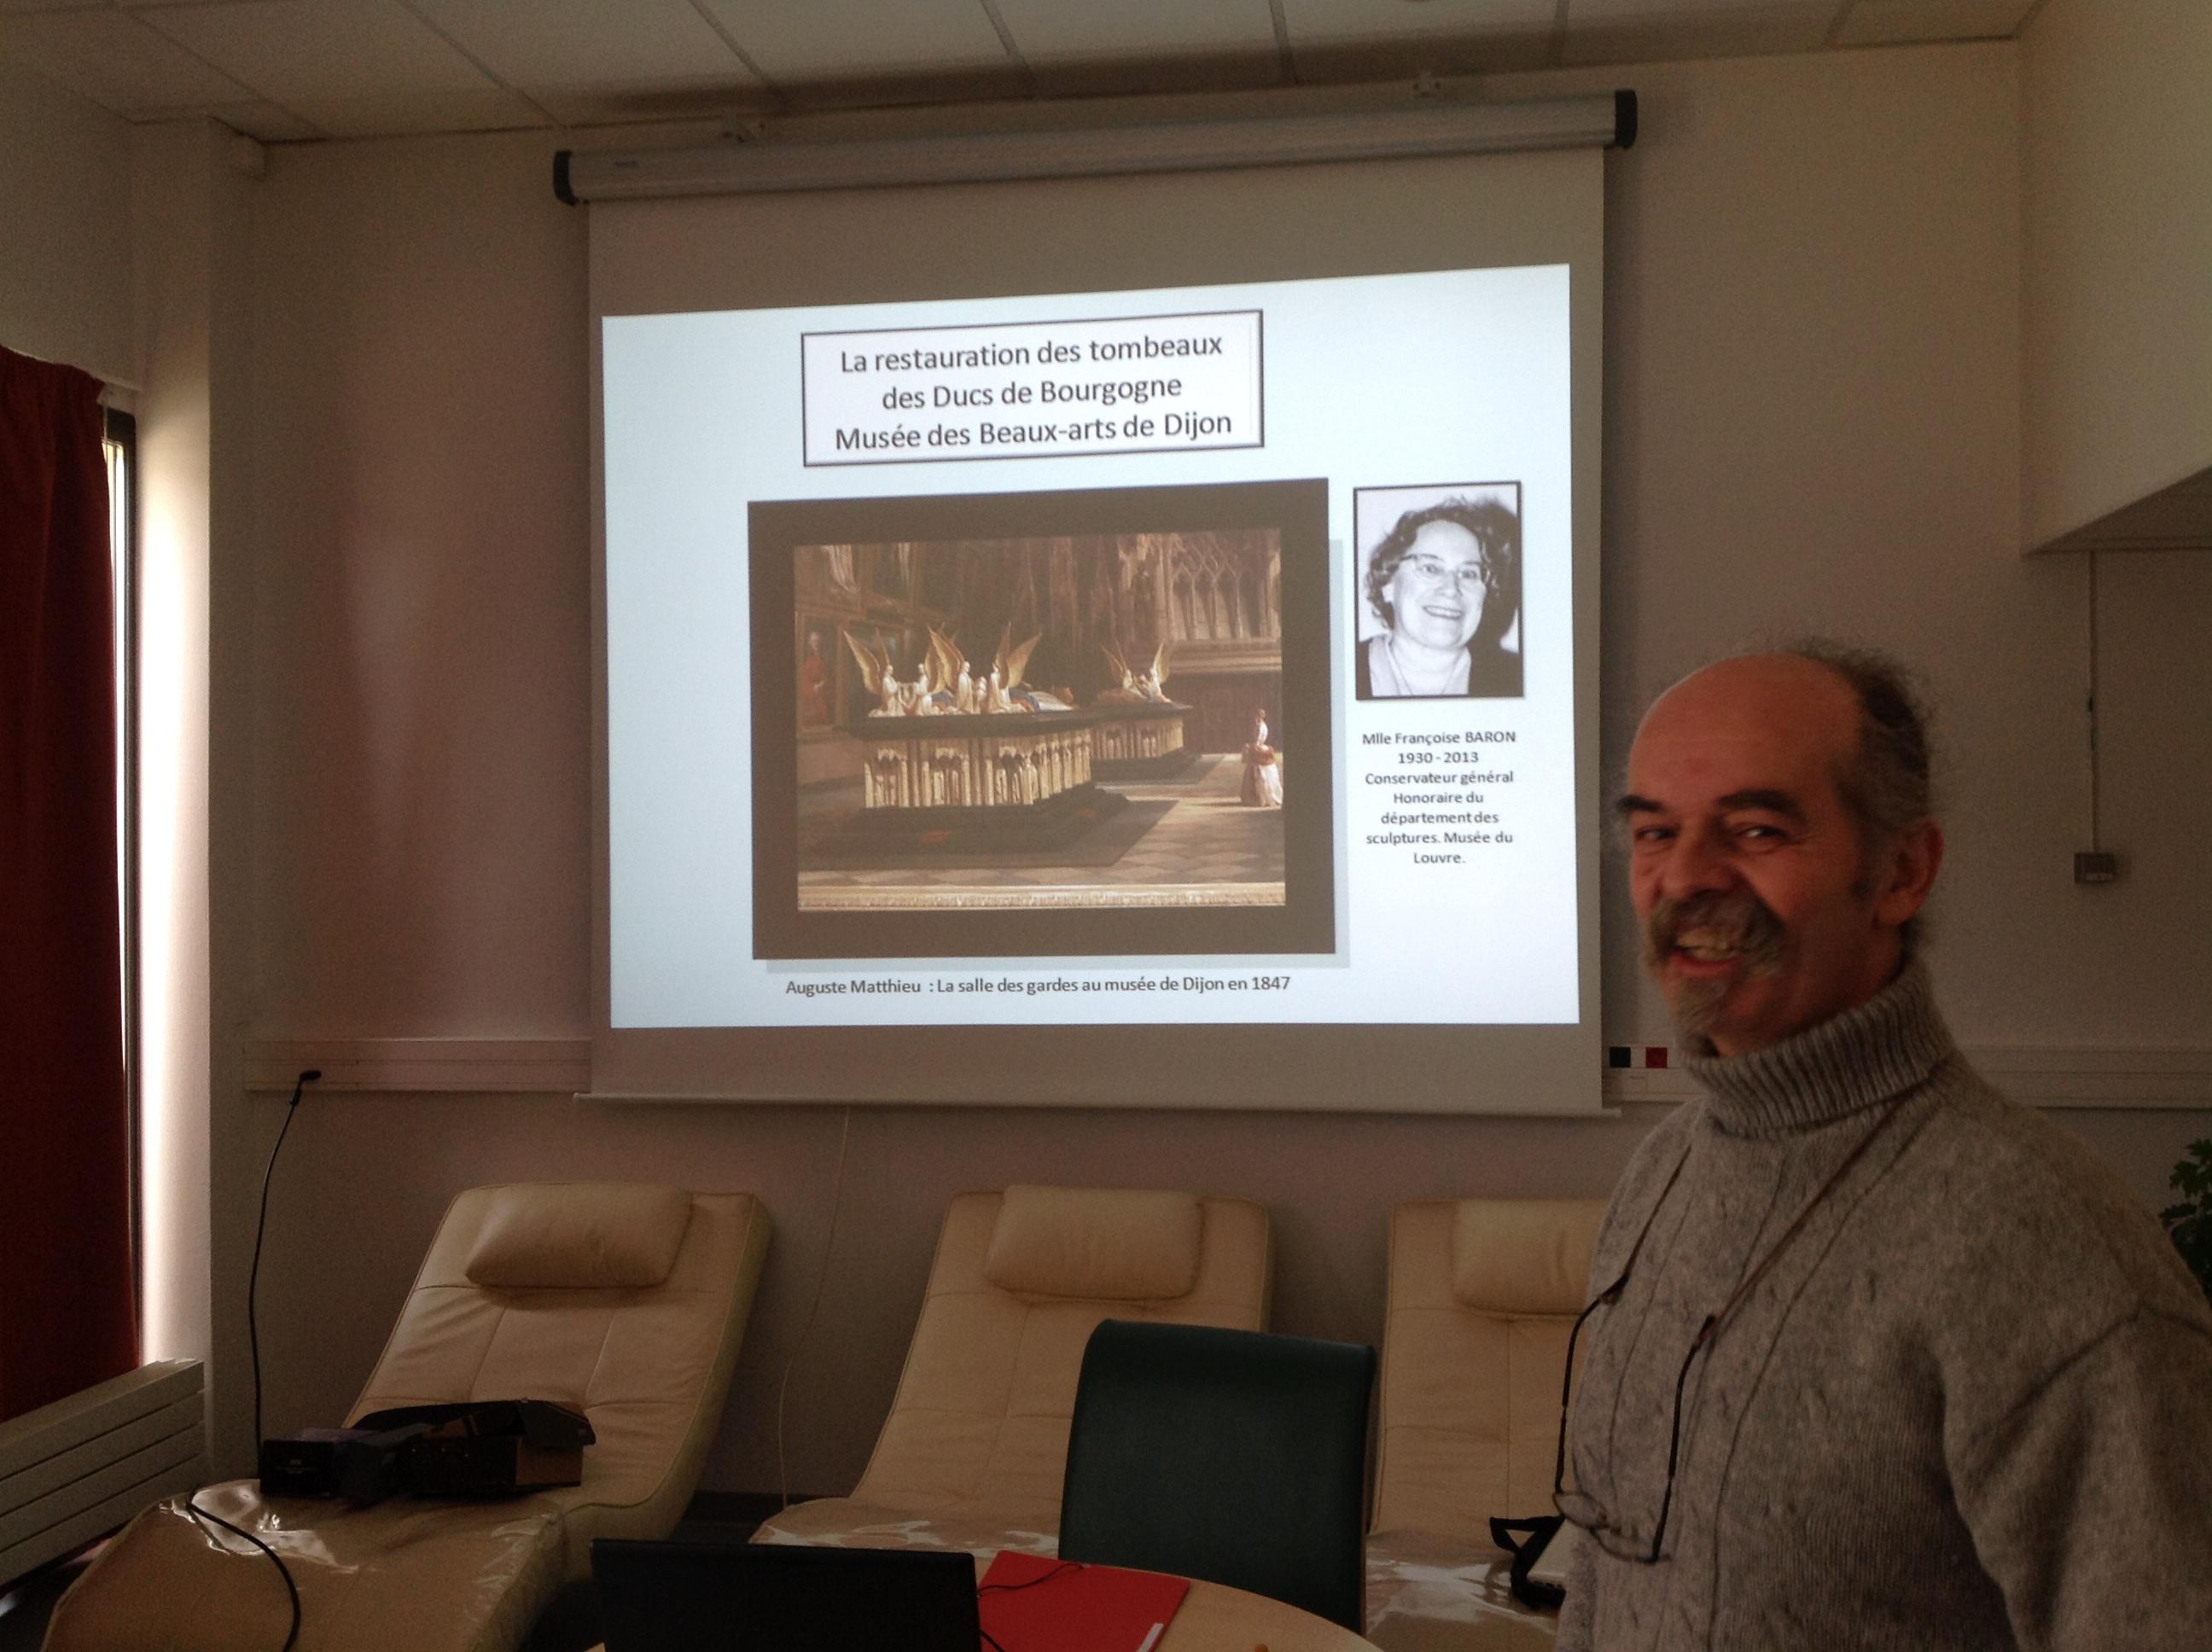 Benoit LAFAY, dédie la conférence à Melle Françoise BARON, Conservateur général Honoraire du département des sculptures au Musée du Louve, et va nous parler de la grande opération de restauration des tombeaux des Ducs de Bourgogne.